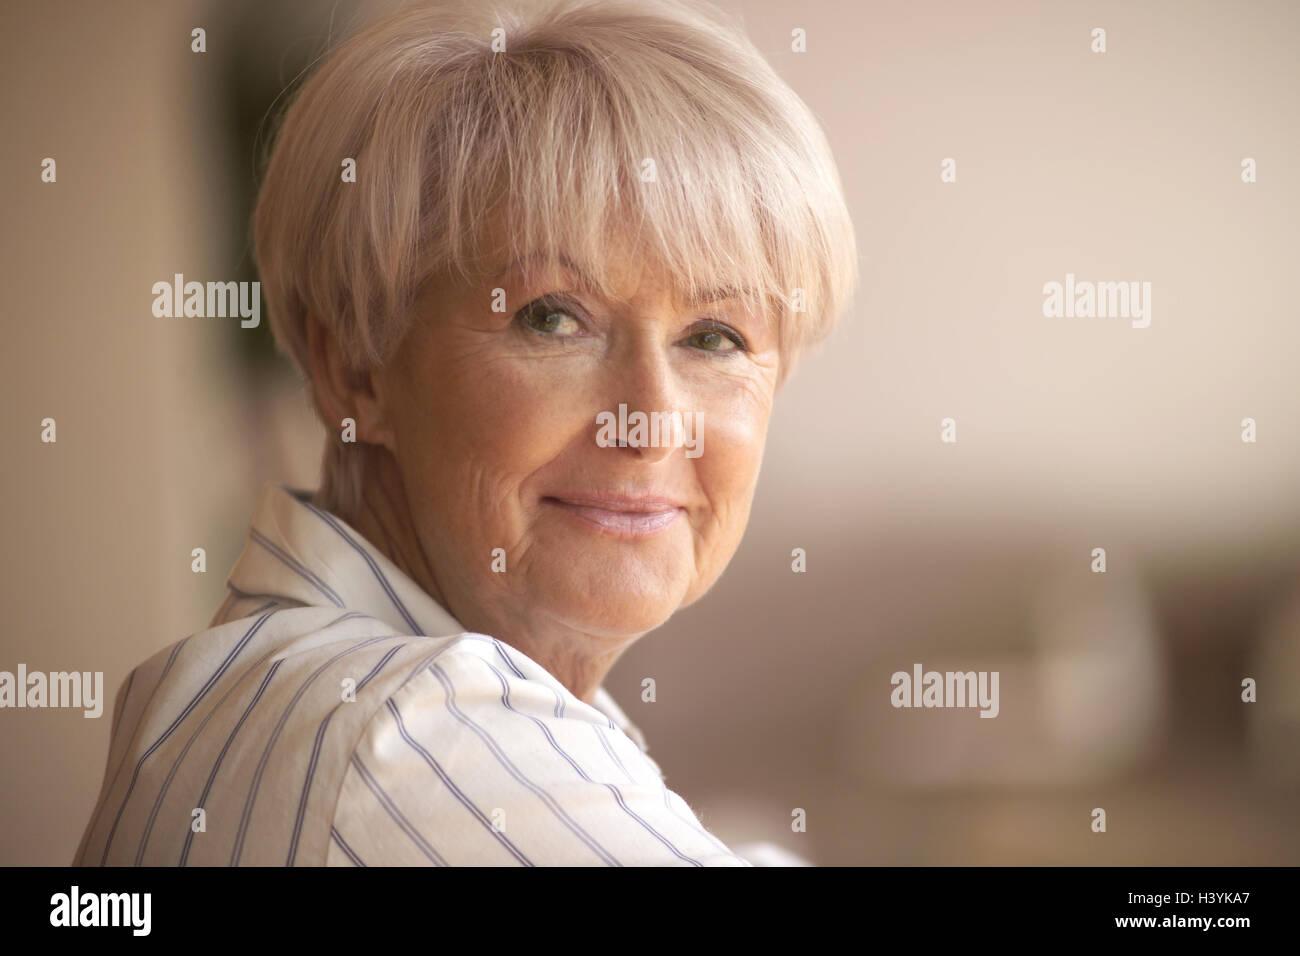 Senior Sonrisa Retrato Mujer 60 65 Anos Pelo Corto Peinado